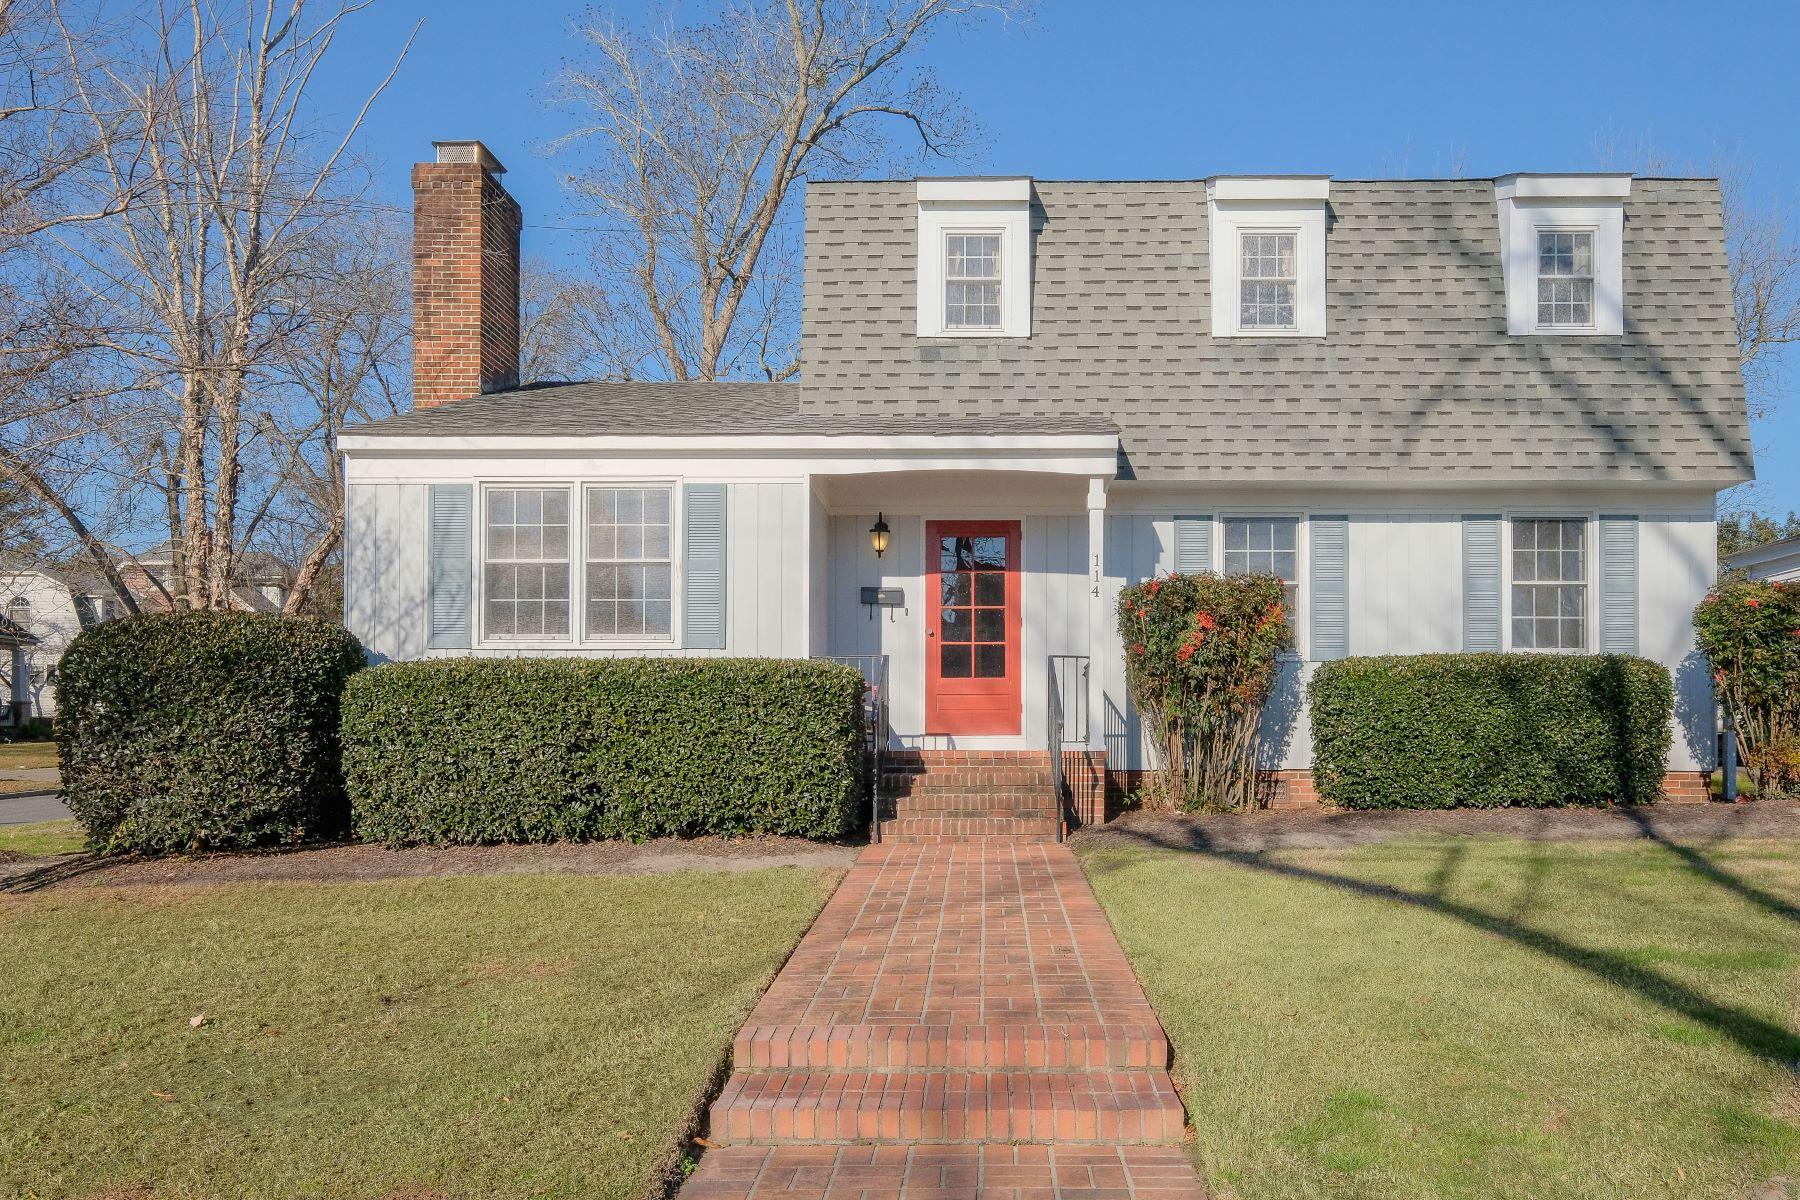 独户住宅 为 销售 在 Historic District Water View 114 Blount St, 登顿, 北卡罗来纳州, 27932 美国